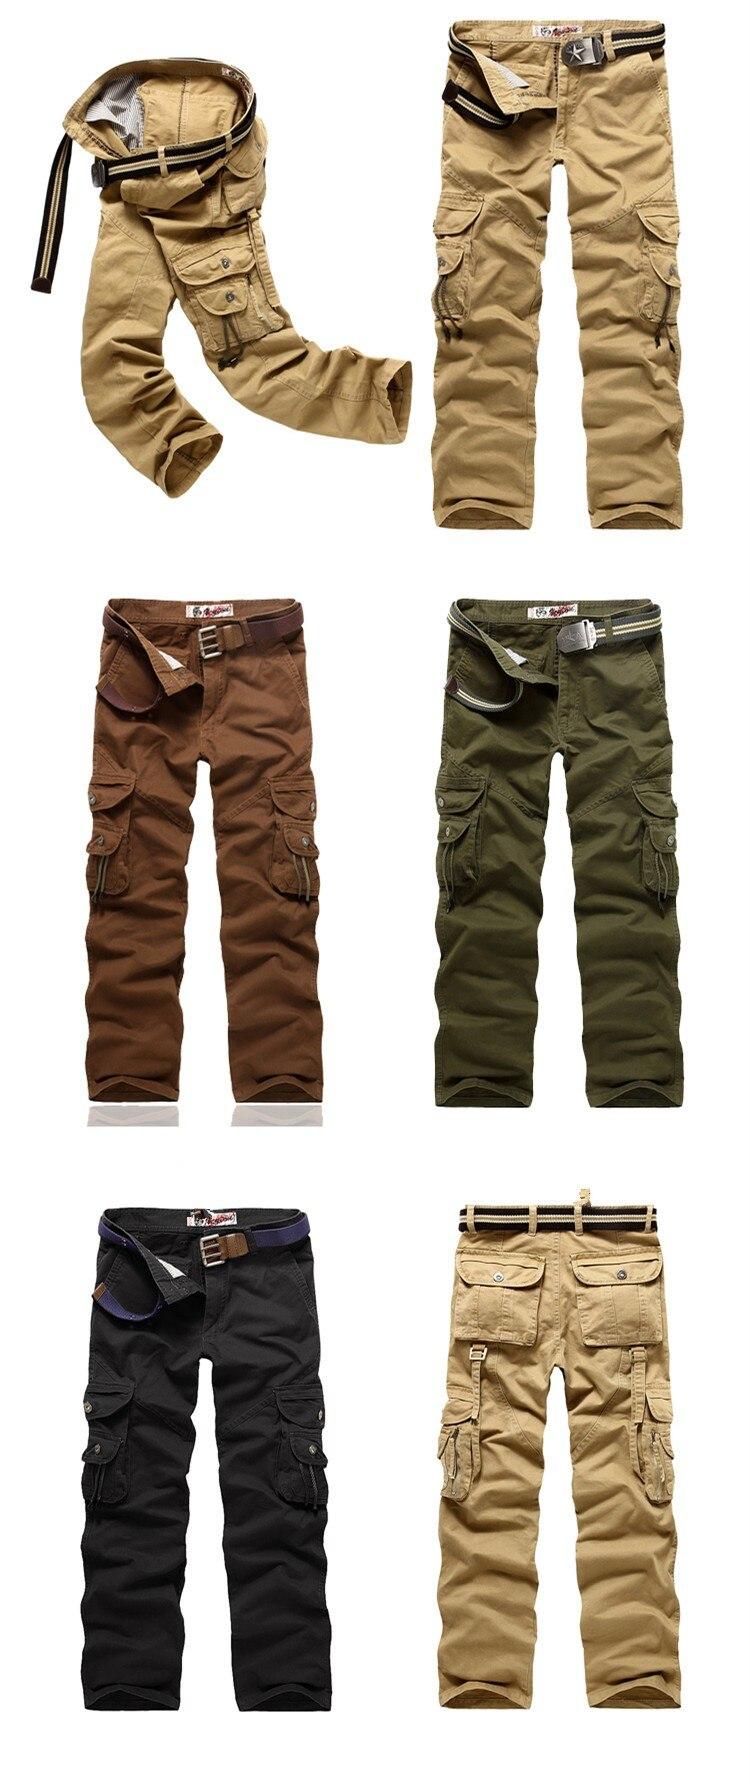 Cargo-shorts Männer 2019 Neue Mens Casual Lose Arbeit Shorts Camo Military Multi-taschen Kurze Mann Hombre Plus Größe Kurze Homme Herrenbekleidung & Zubehör